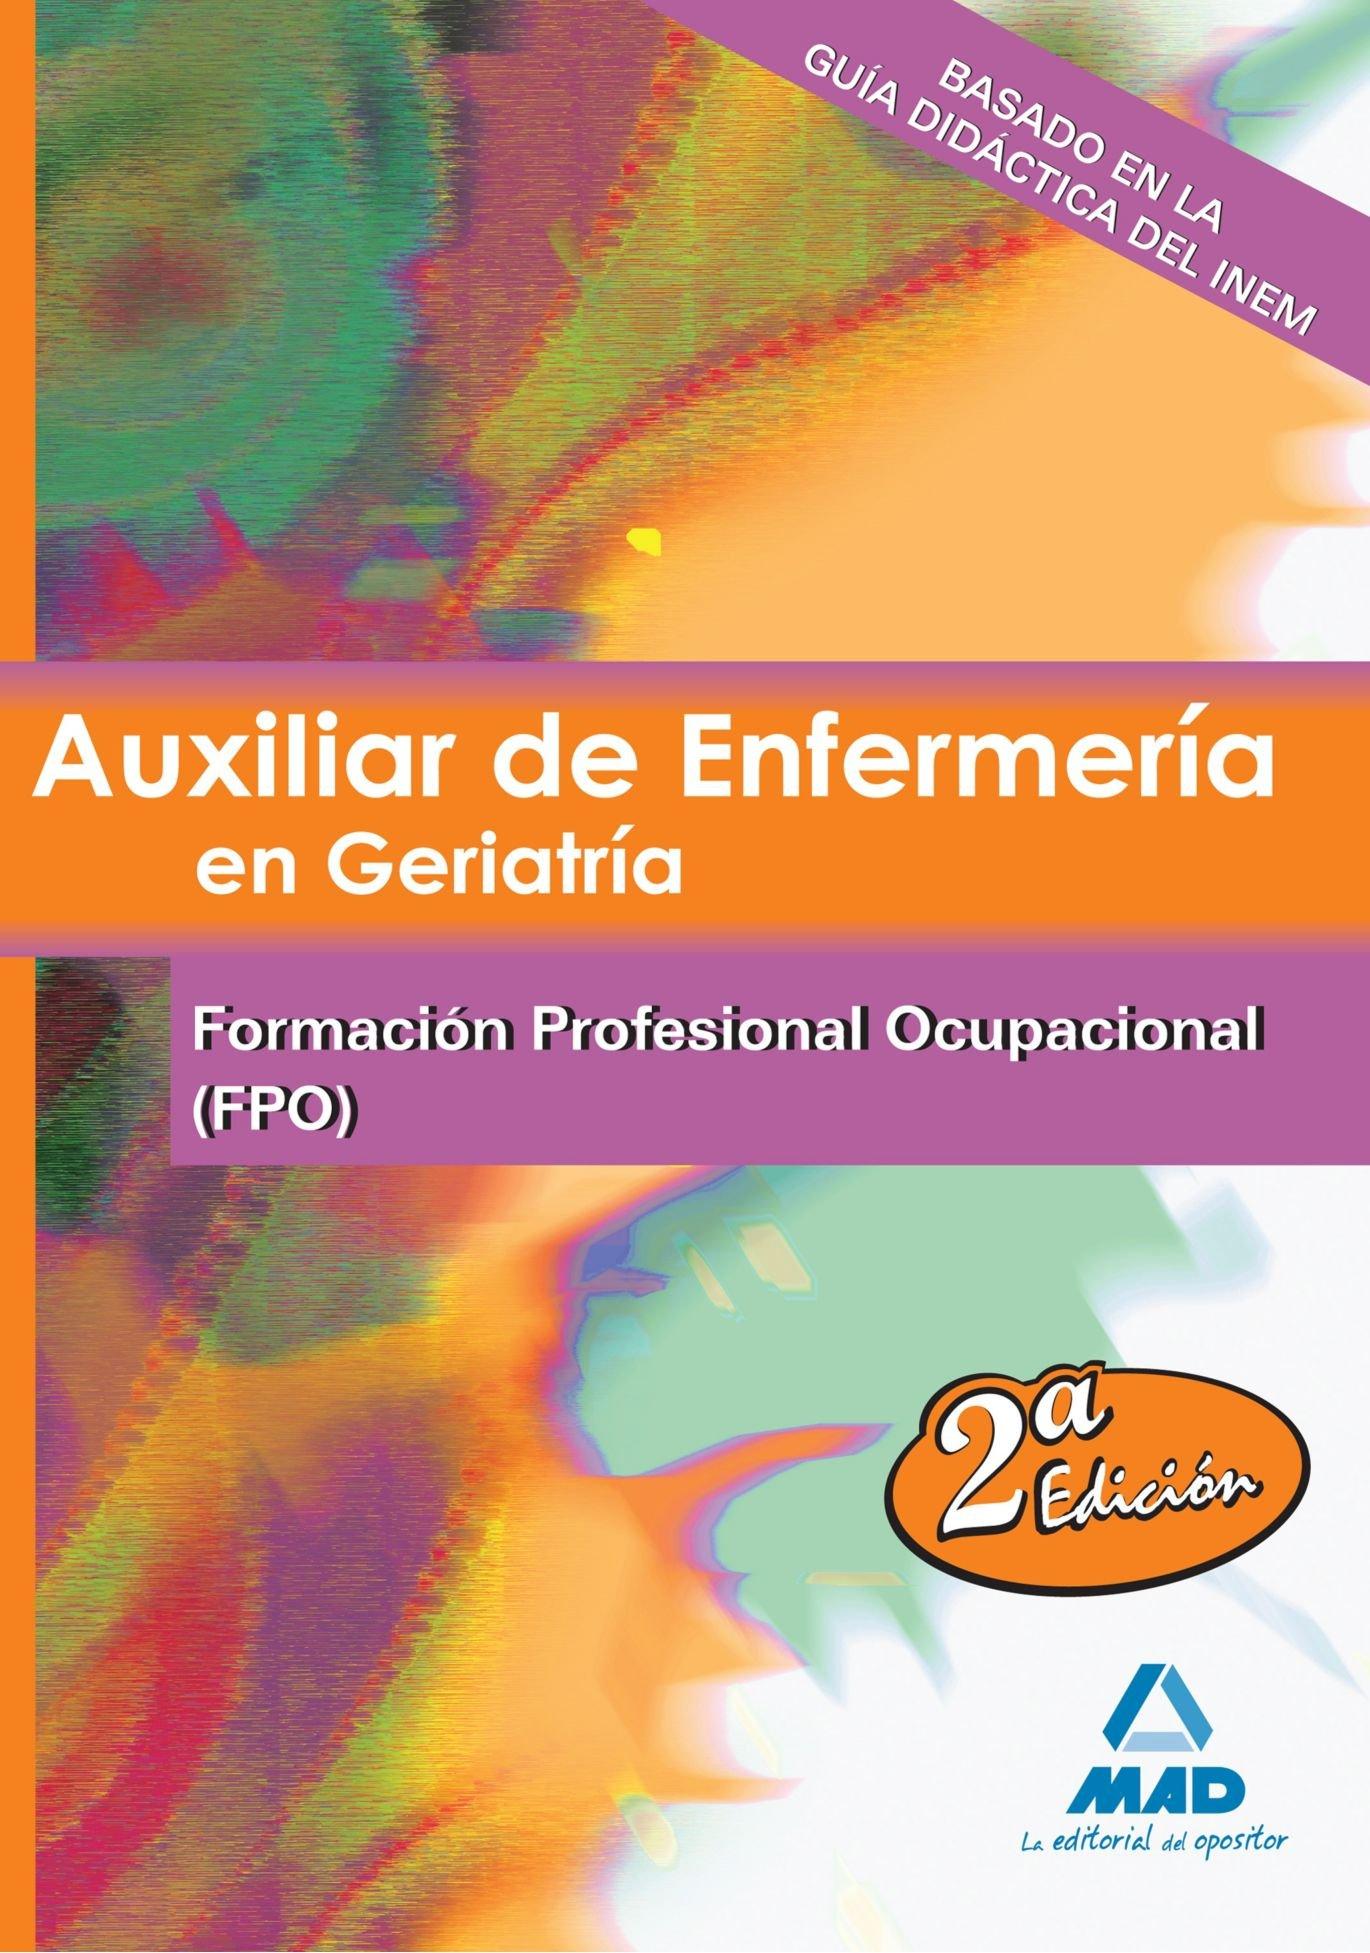 Temario De Formación Profesional Ocupacional: Amazon.es: Editorial Mad, Jose Manuel Ania Palacio, Rocio Clavijo Gamero, Domingo Gomez Martinez, ...